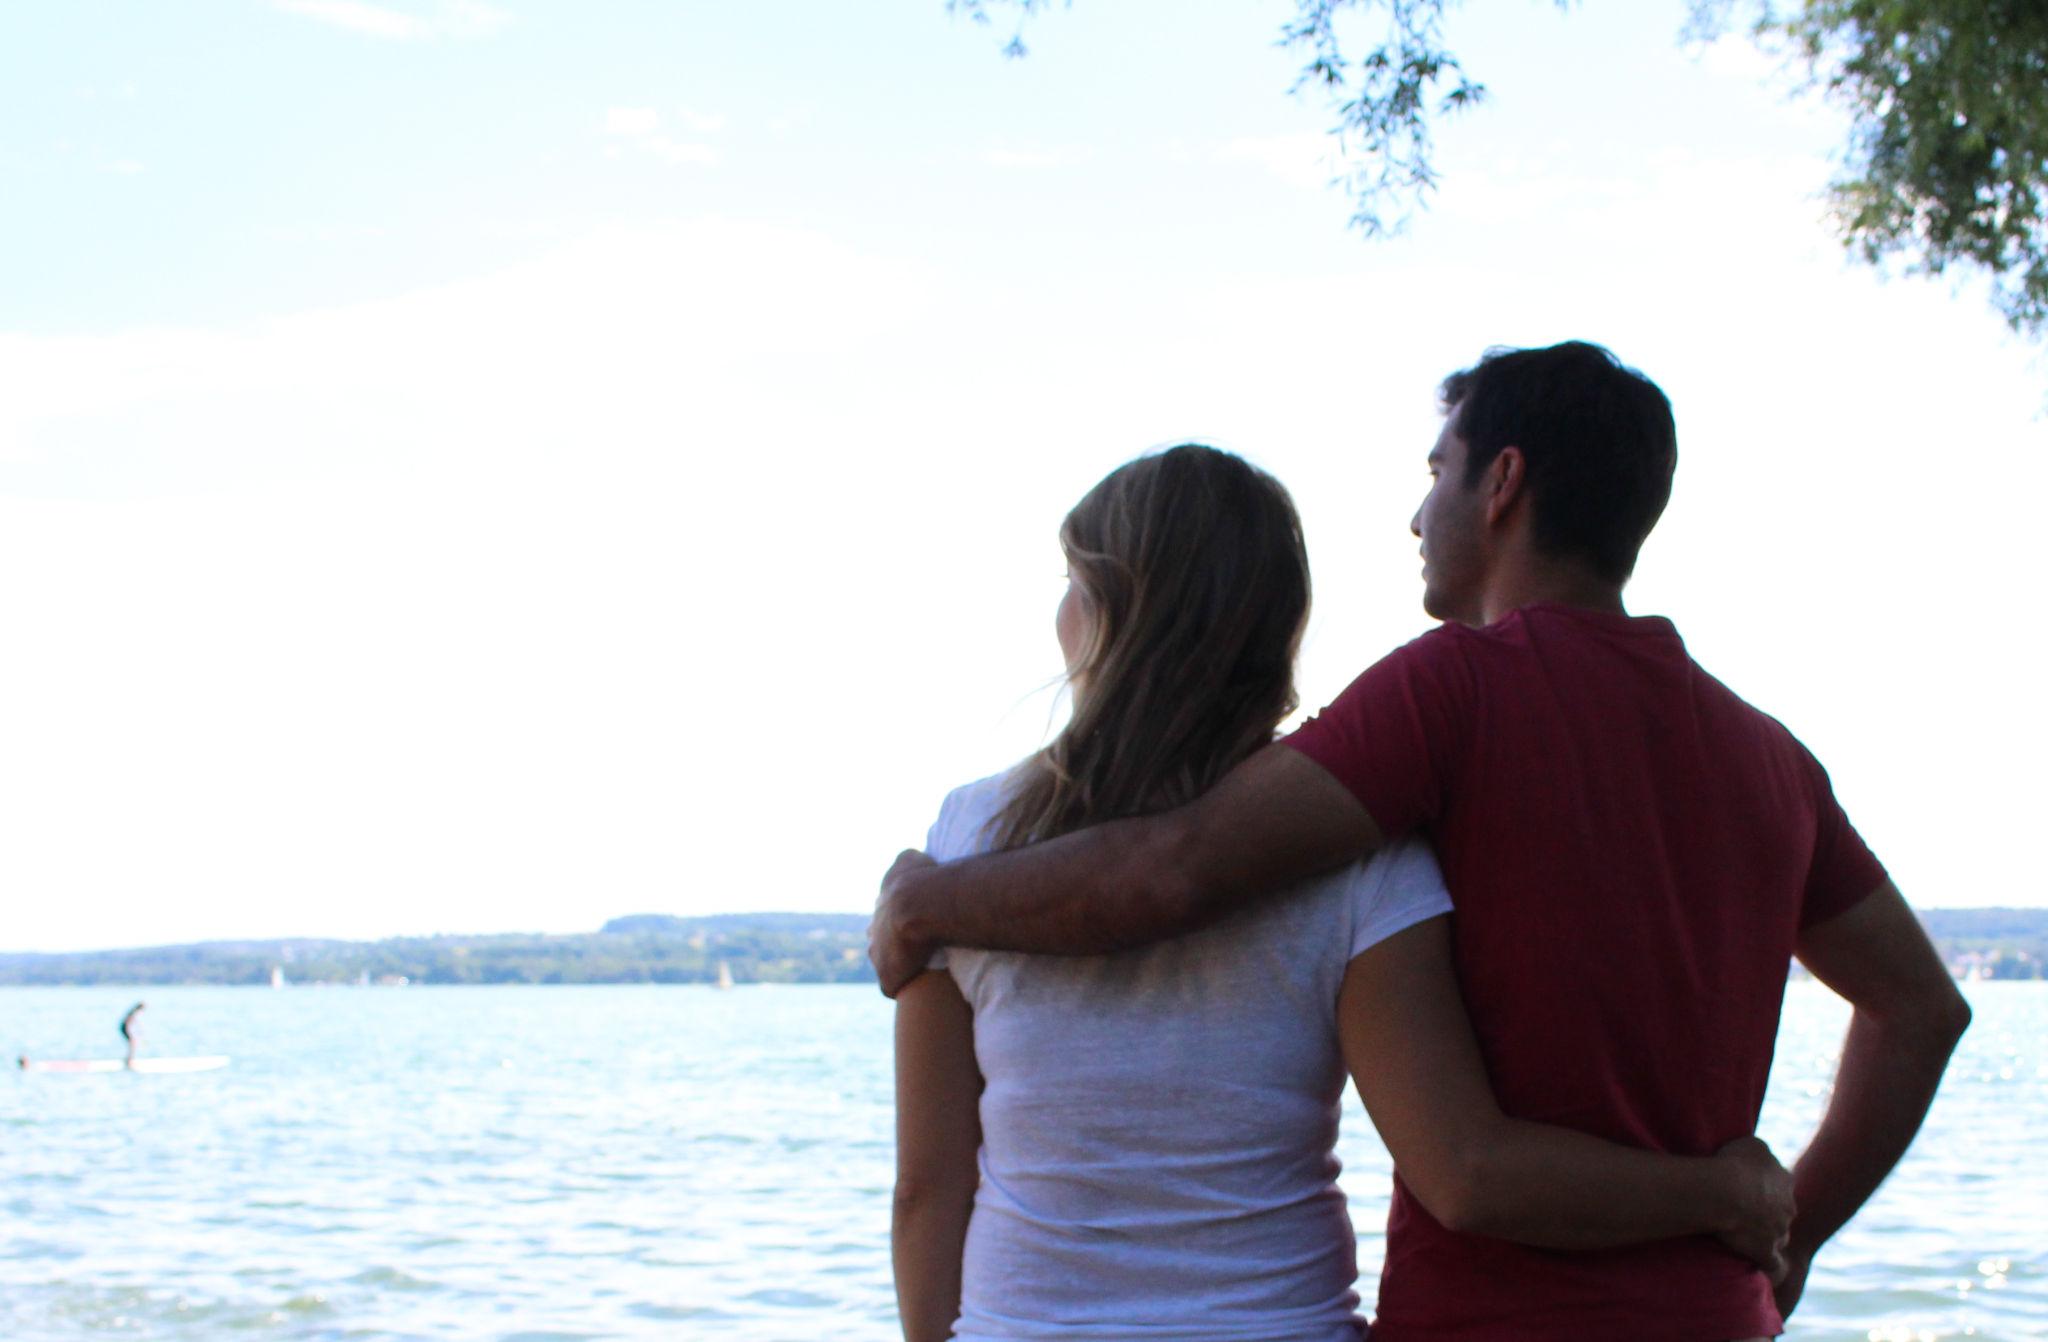 Pärchen am See legen Arm um einander Glück Liebe